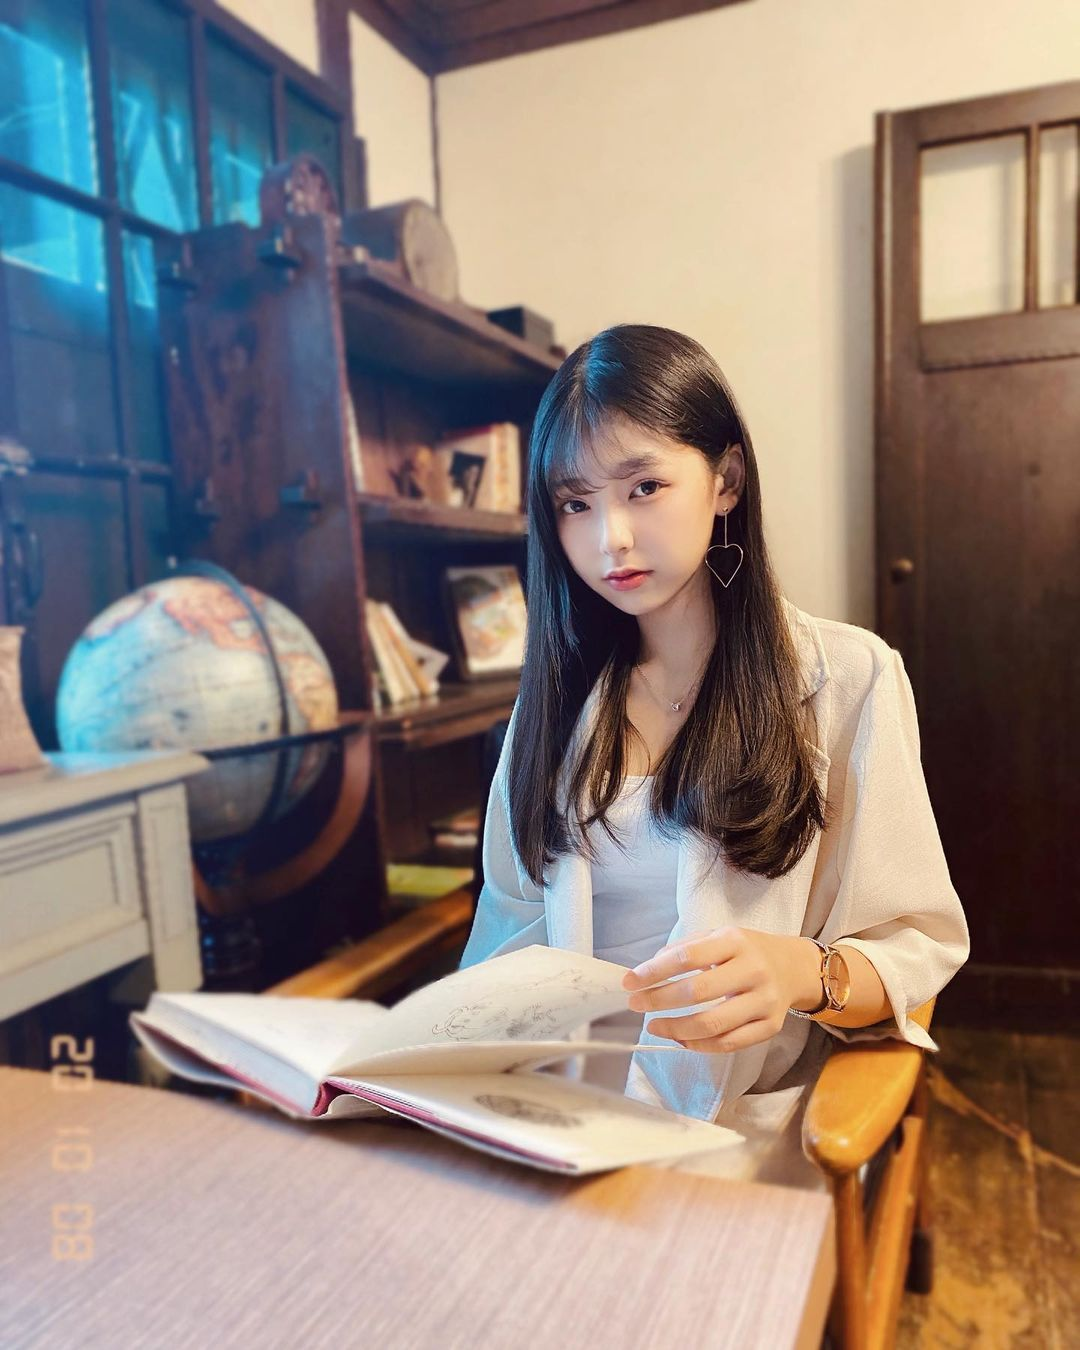 高校妹子真美!「最美高校生」的景美女中学生「许悦」插图7